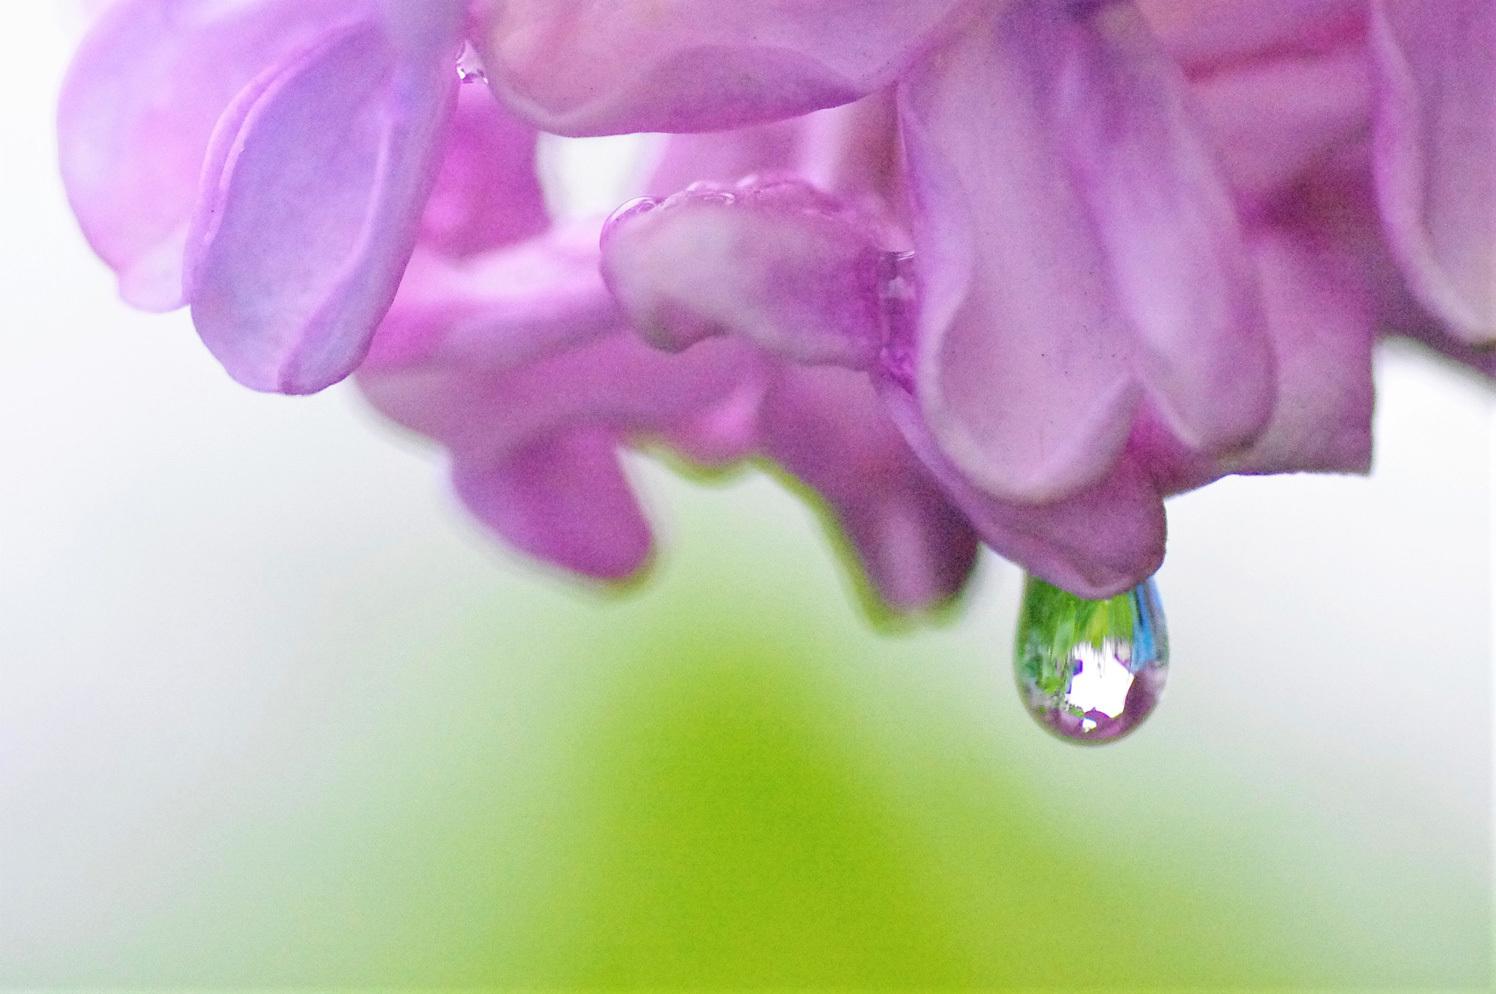 雨のライラックと紫蘭_e0291438_09494356.jpg